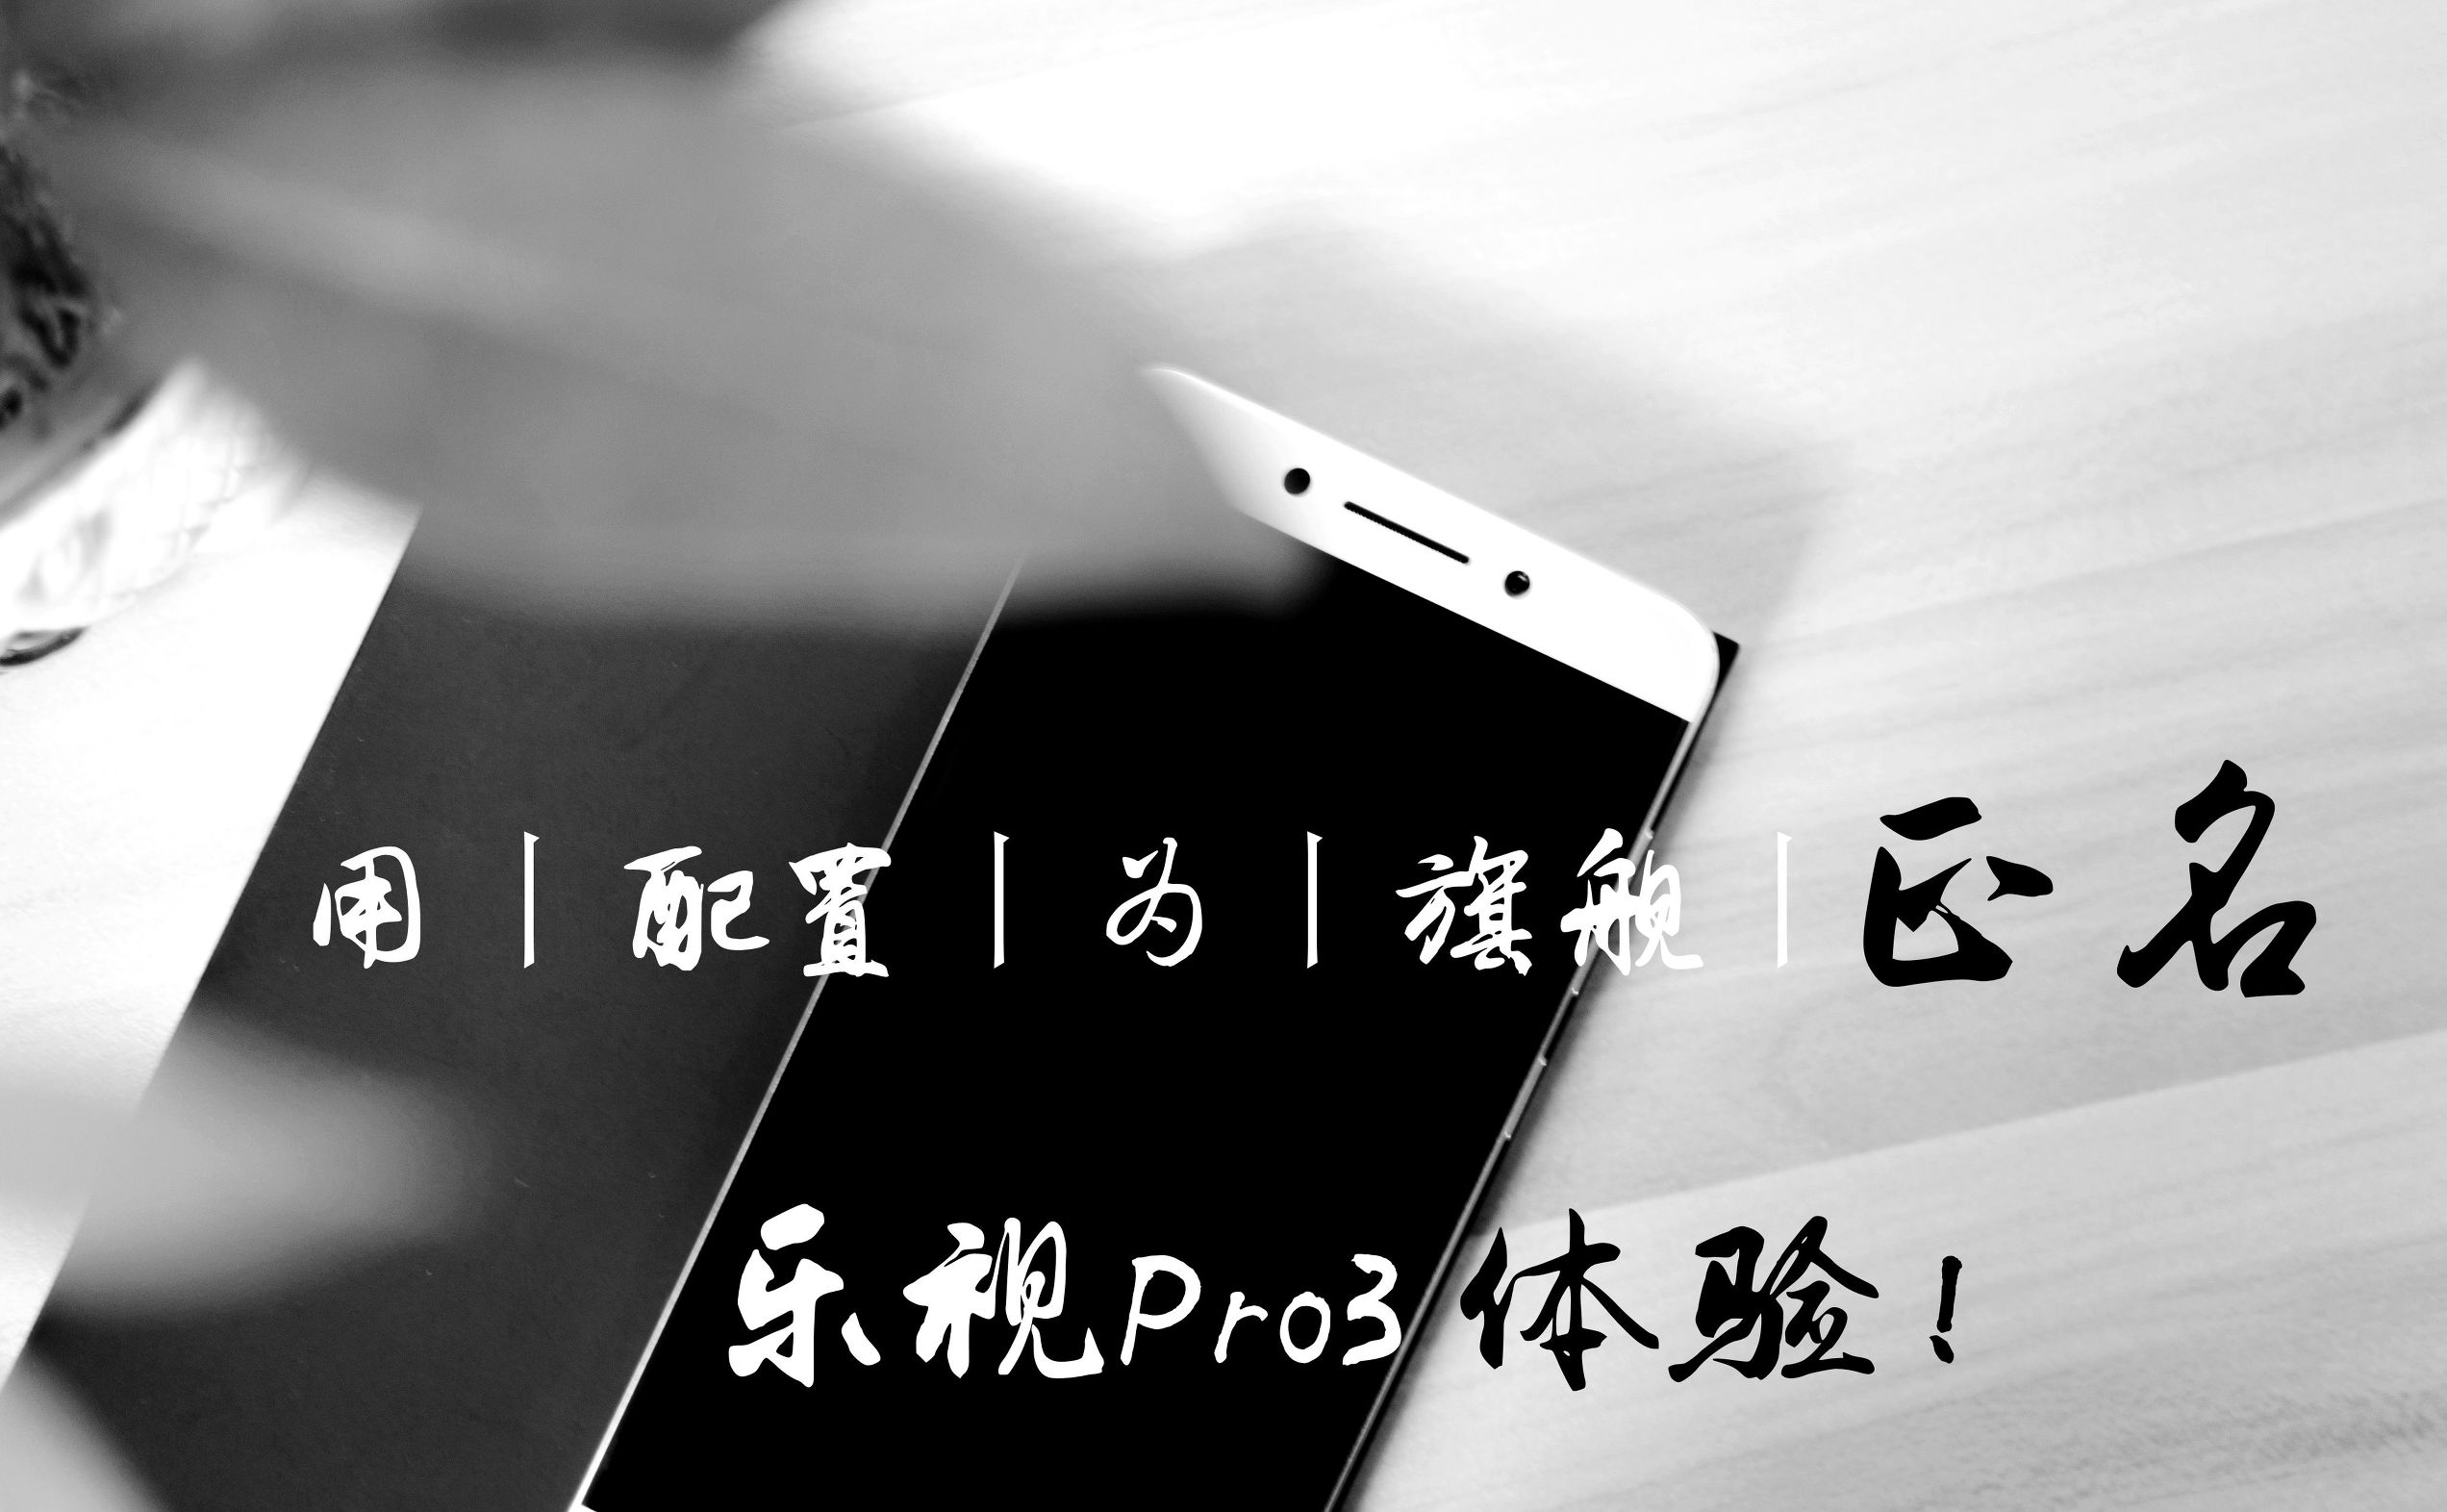 除了6G内存和高通骁龙821还有什么?乐视Pro3开箱测评!